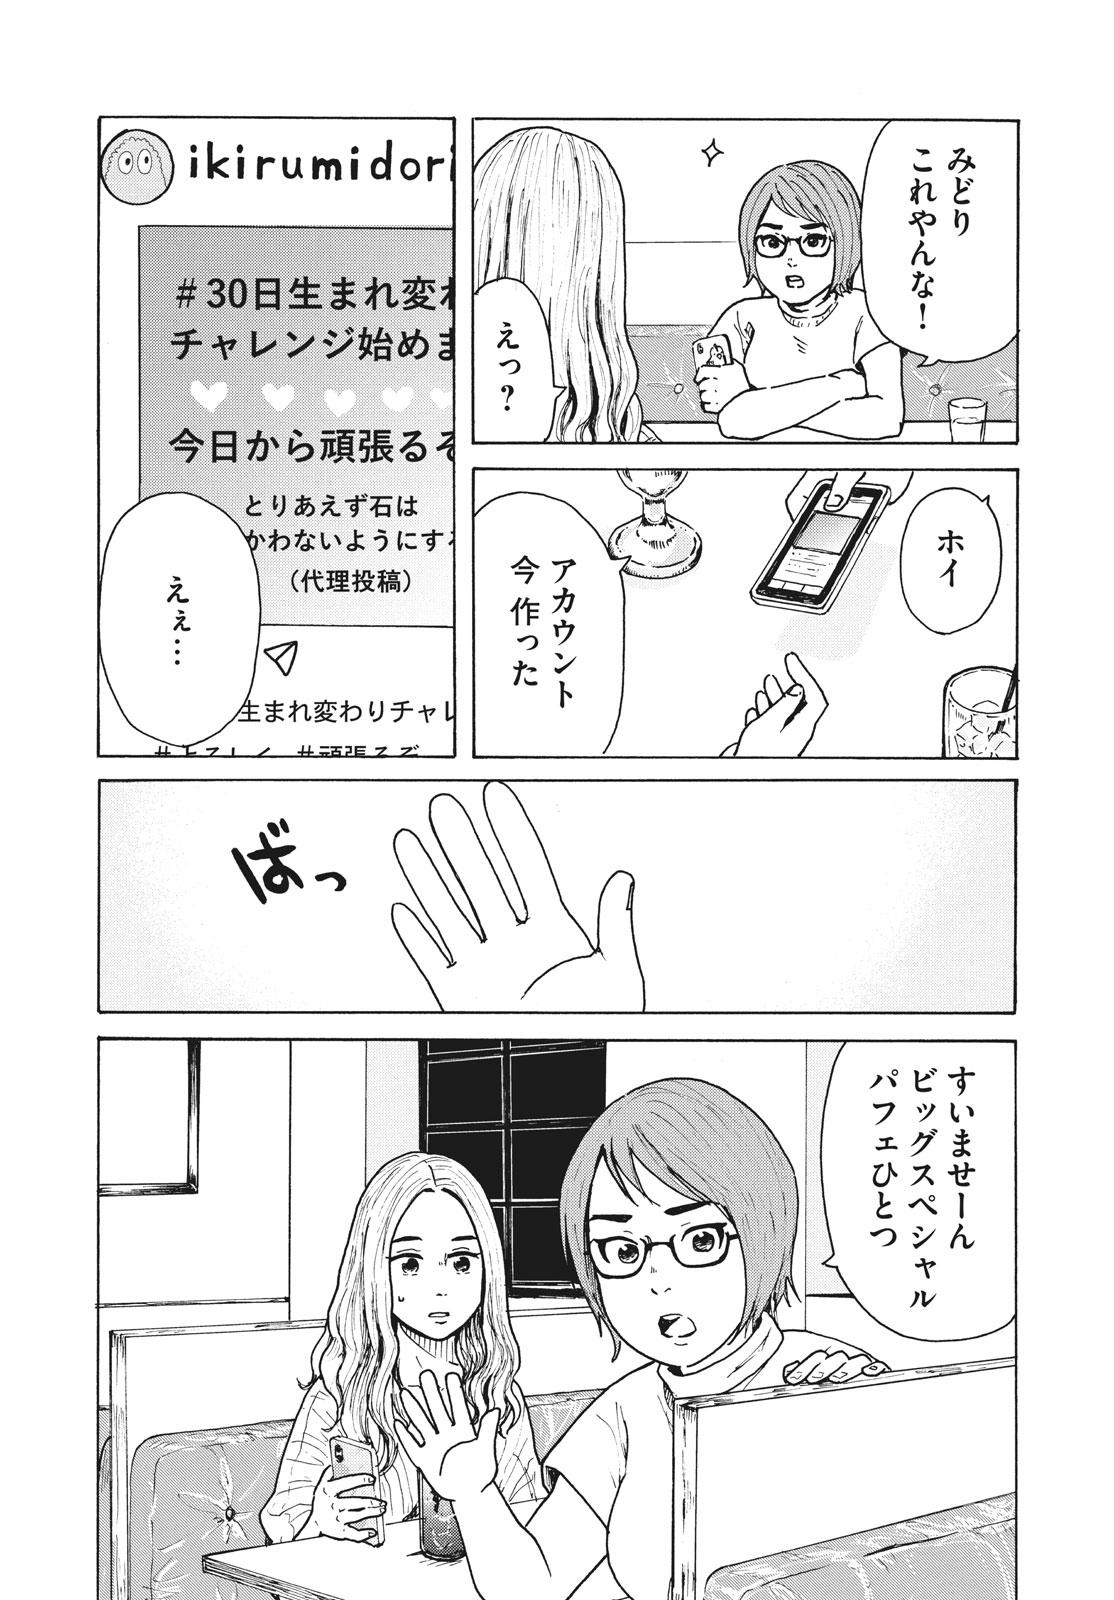 004_30譌・_2019_002_E.jpg